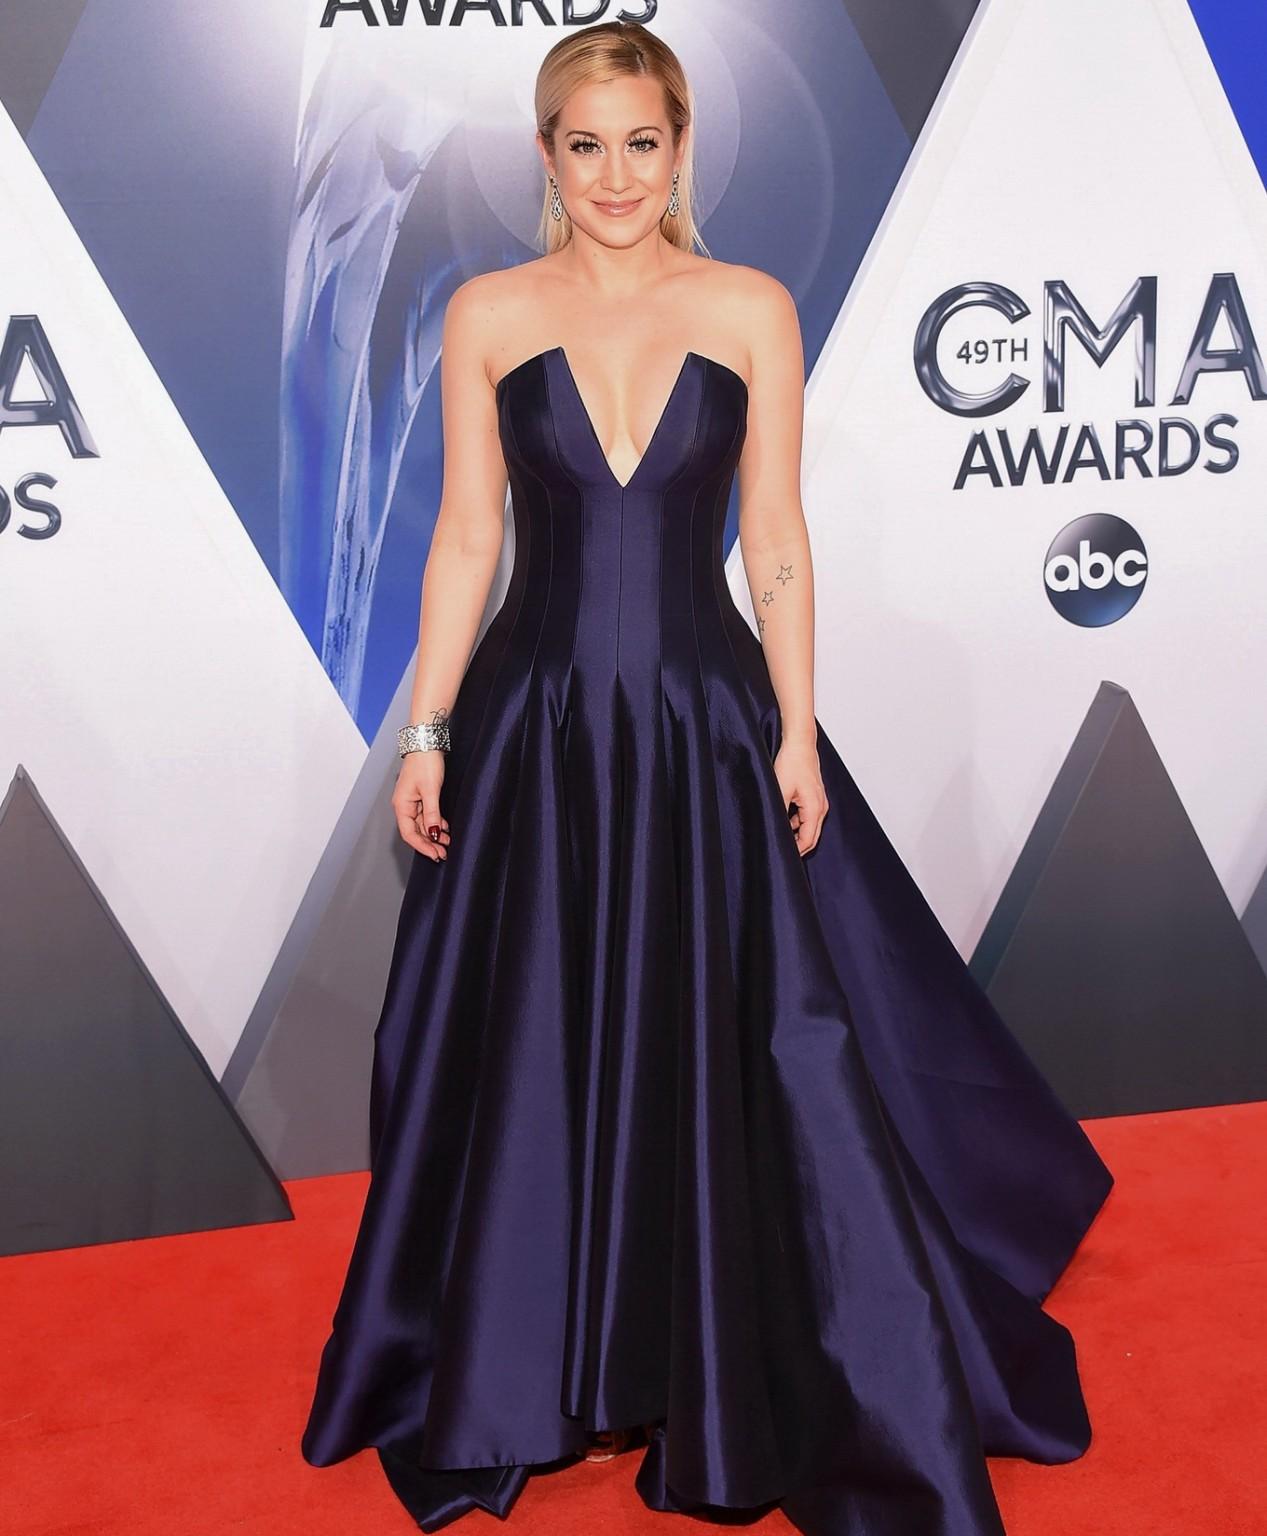 Келли Пиклер показывает себя на приеме в шикарном платье с глубоким вырезом в декольте